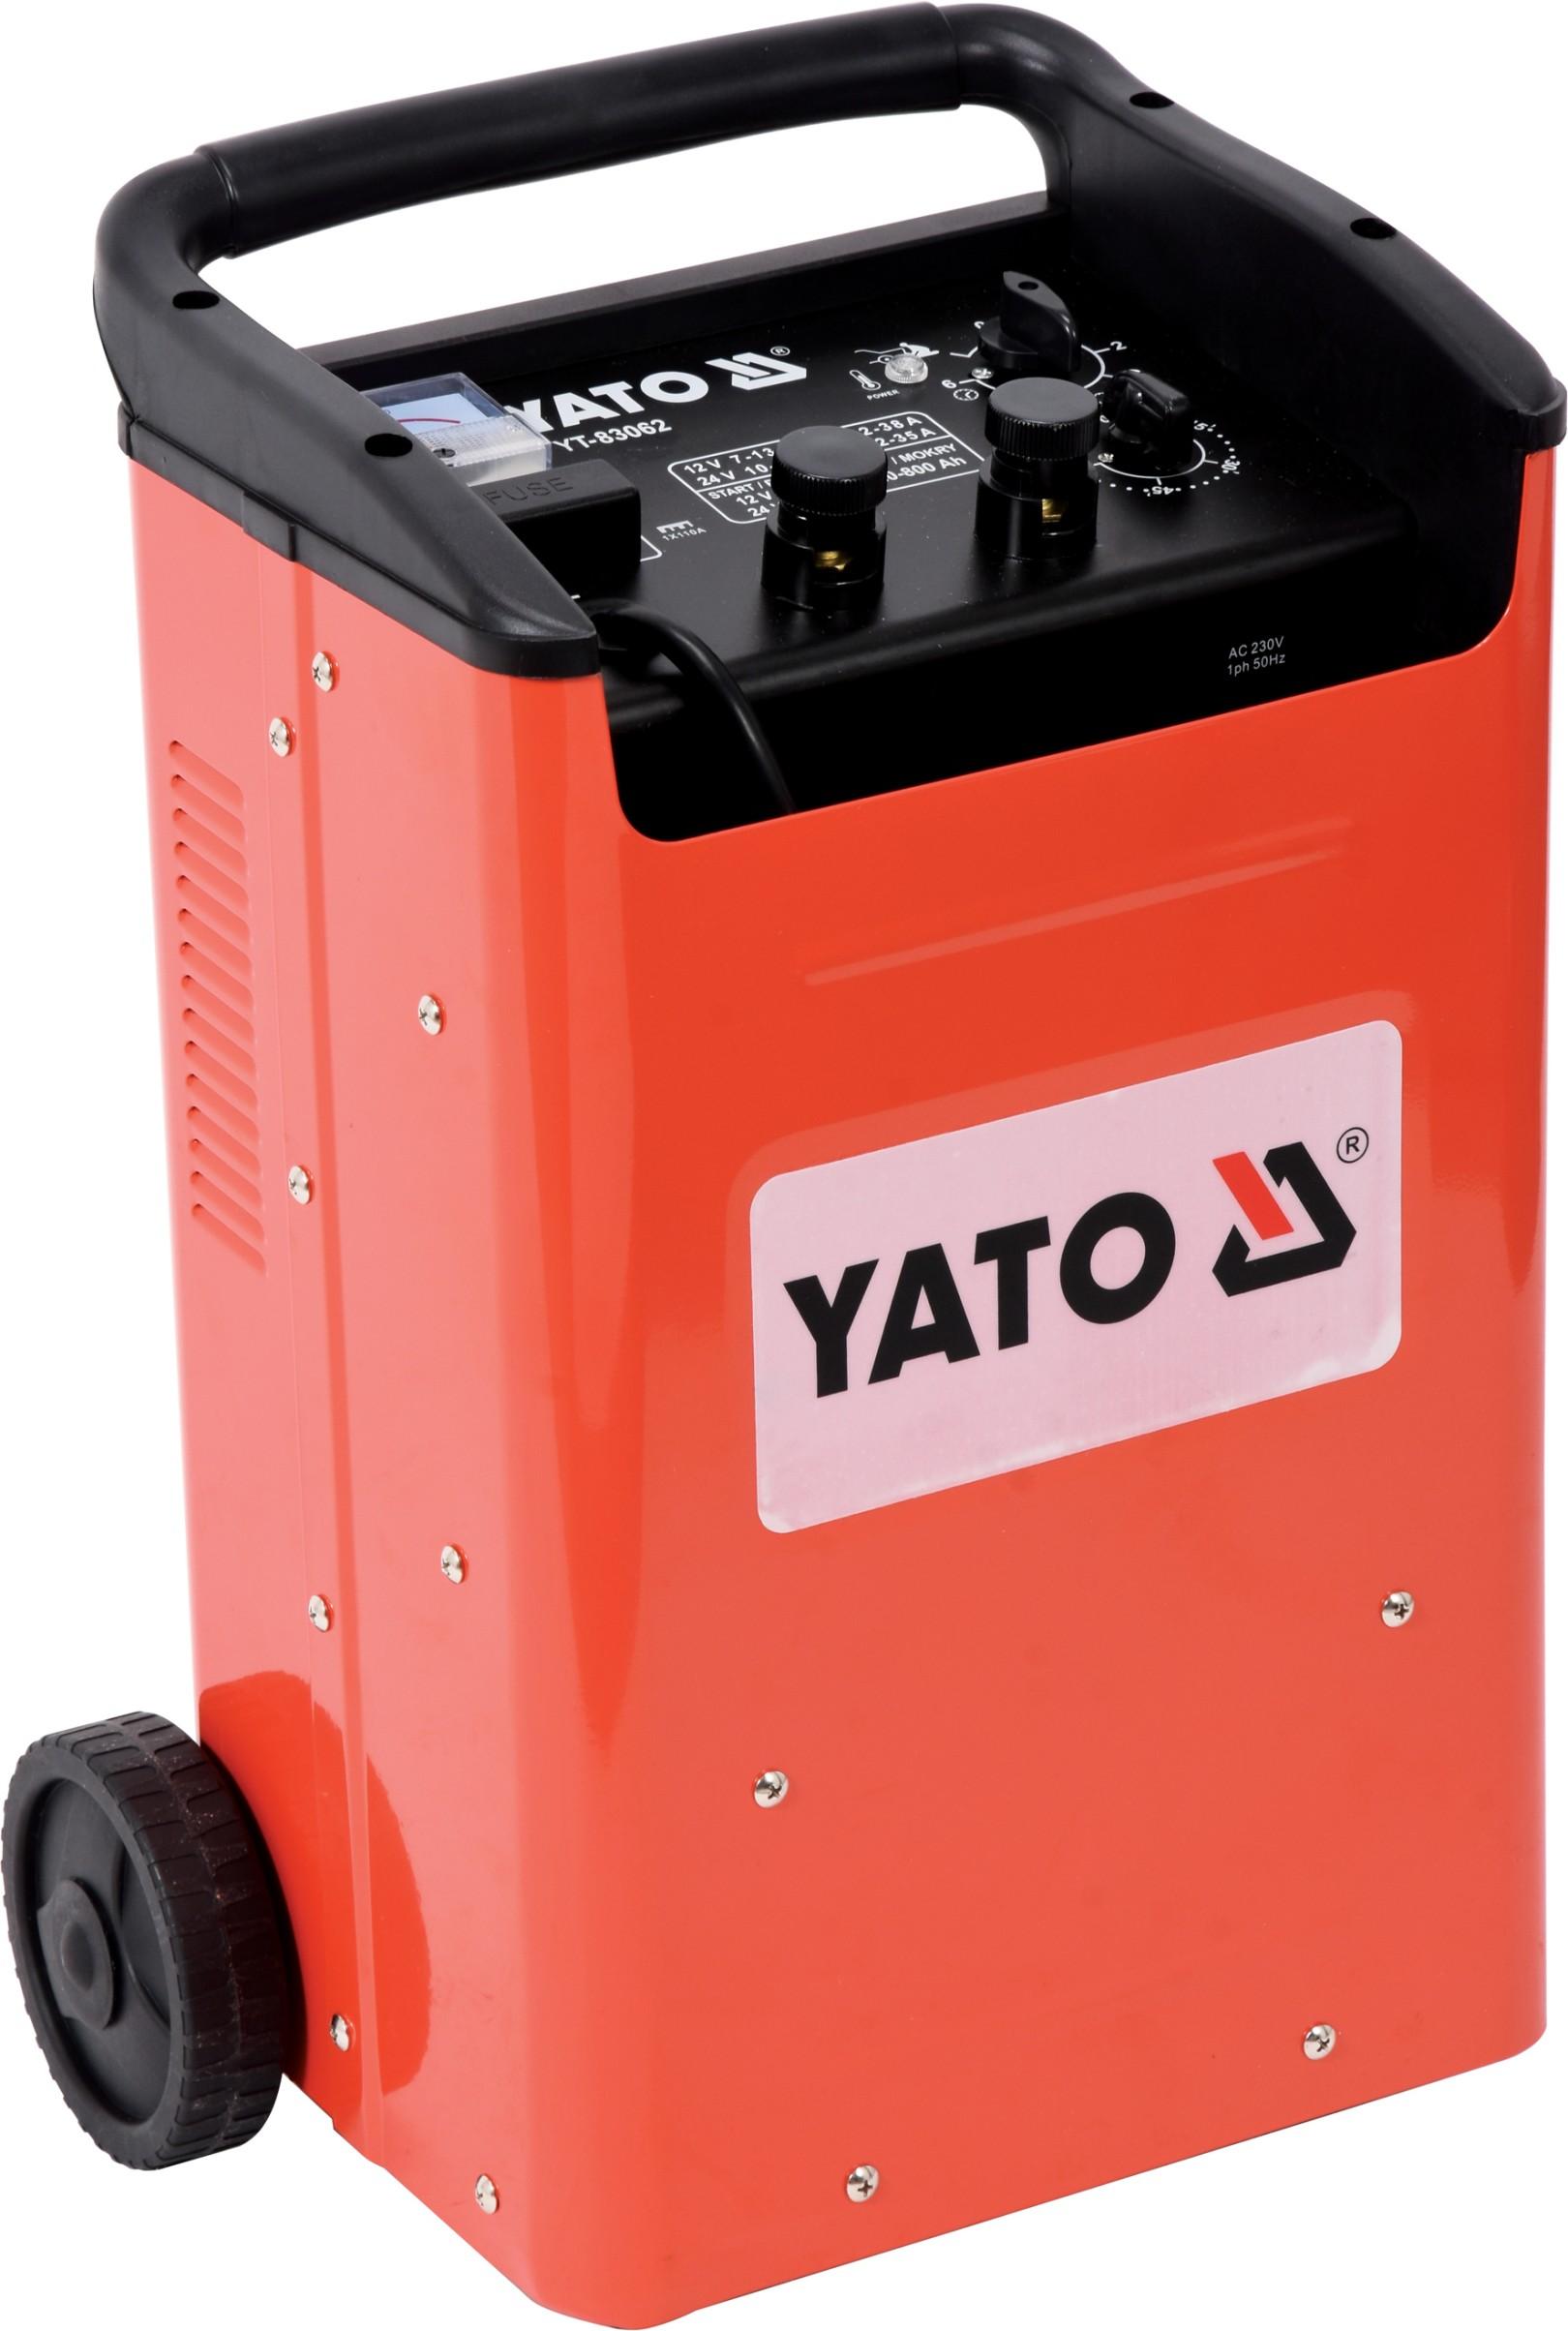 YATO YT-83062 Nabíječka s funkcí startovací stanice 12V-540A / 24V-450A